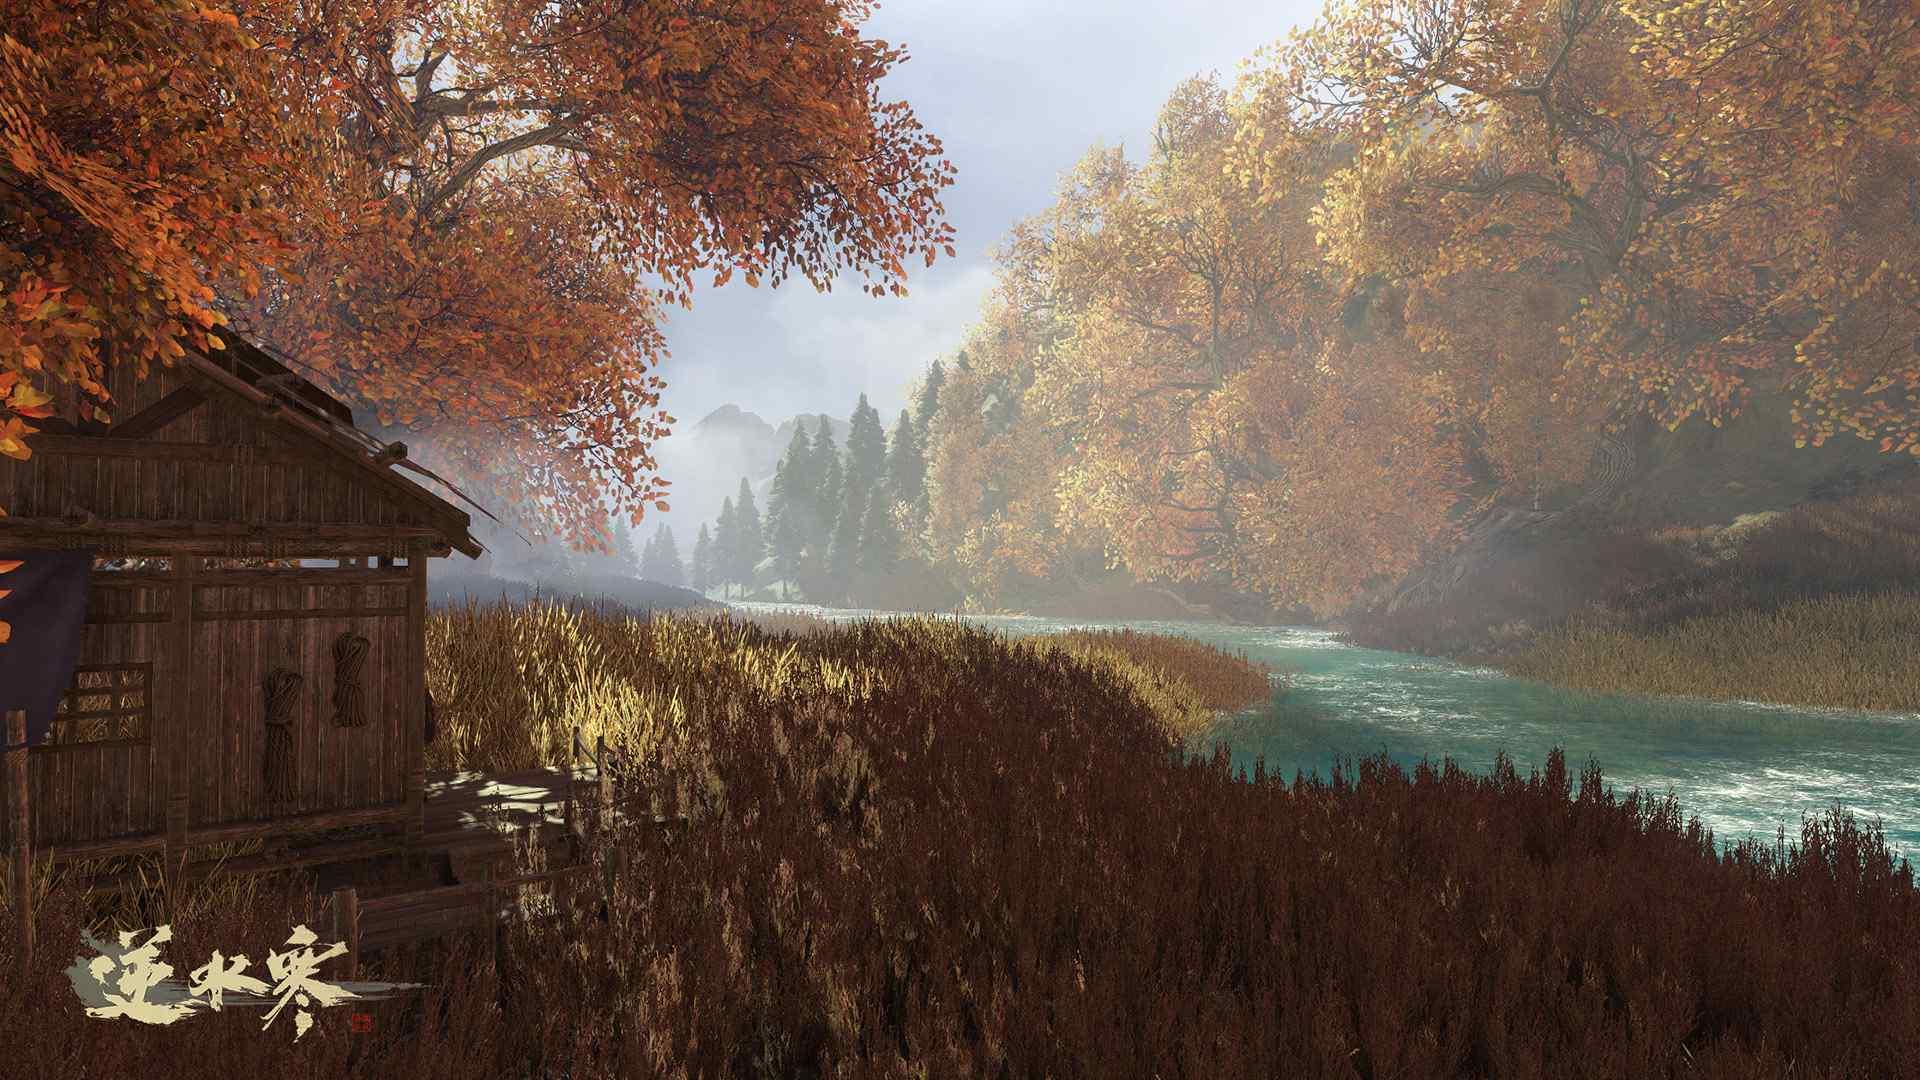 逆水寒高清风景原画游戏图片